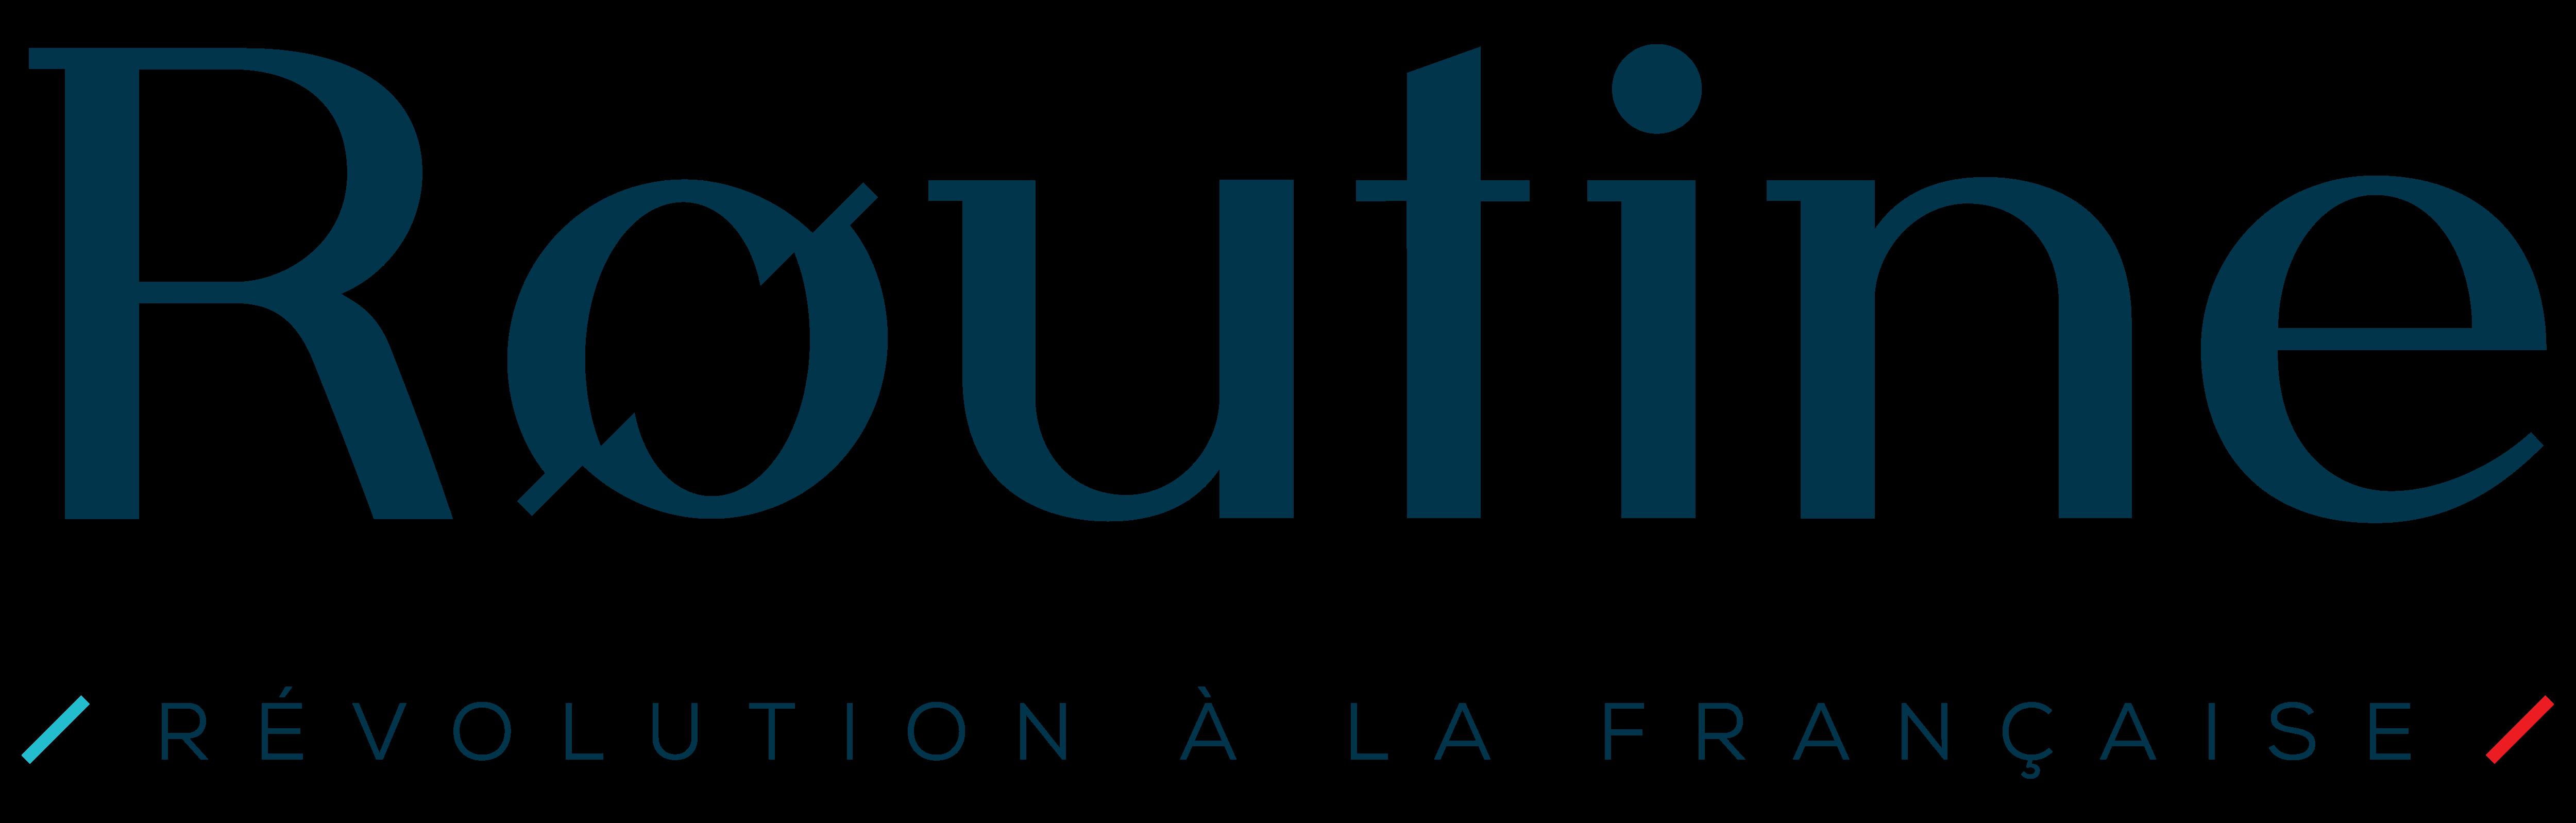 routine-rei%c2%81volution-ai%c2%80-la-franci%c2%a7aise-bleu